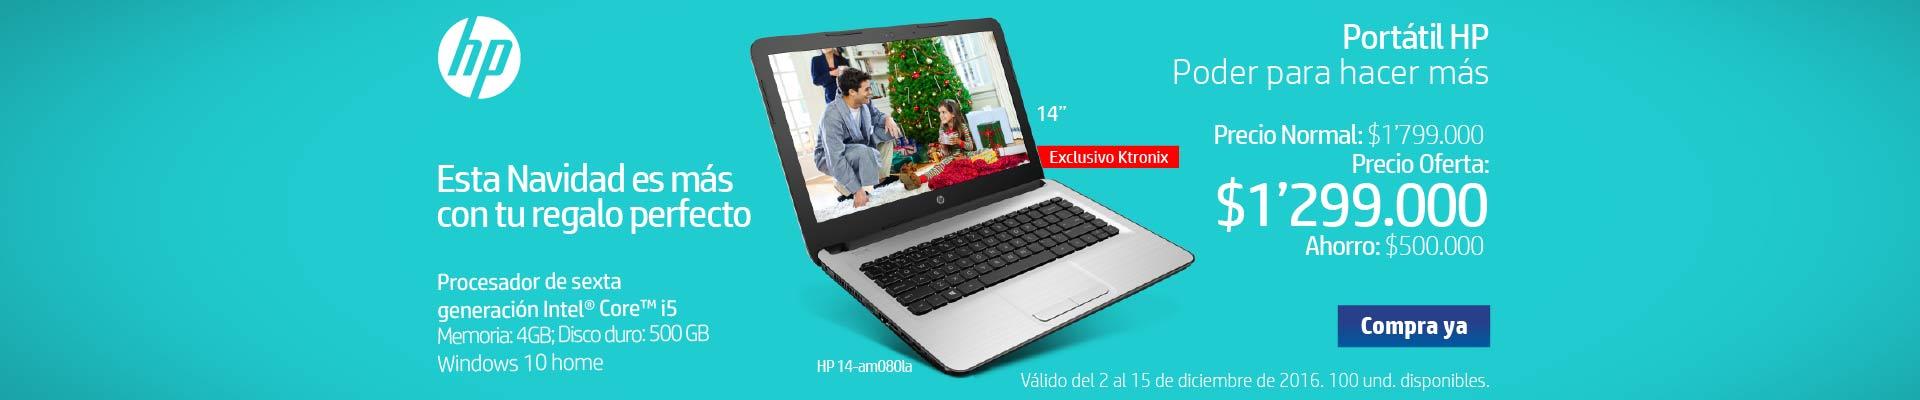 Pauta HP - Principal Home Ktronix - diciembre 3 - Portátil HP AM080 Core i5 14